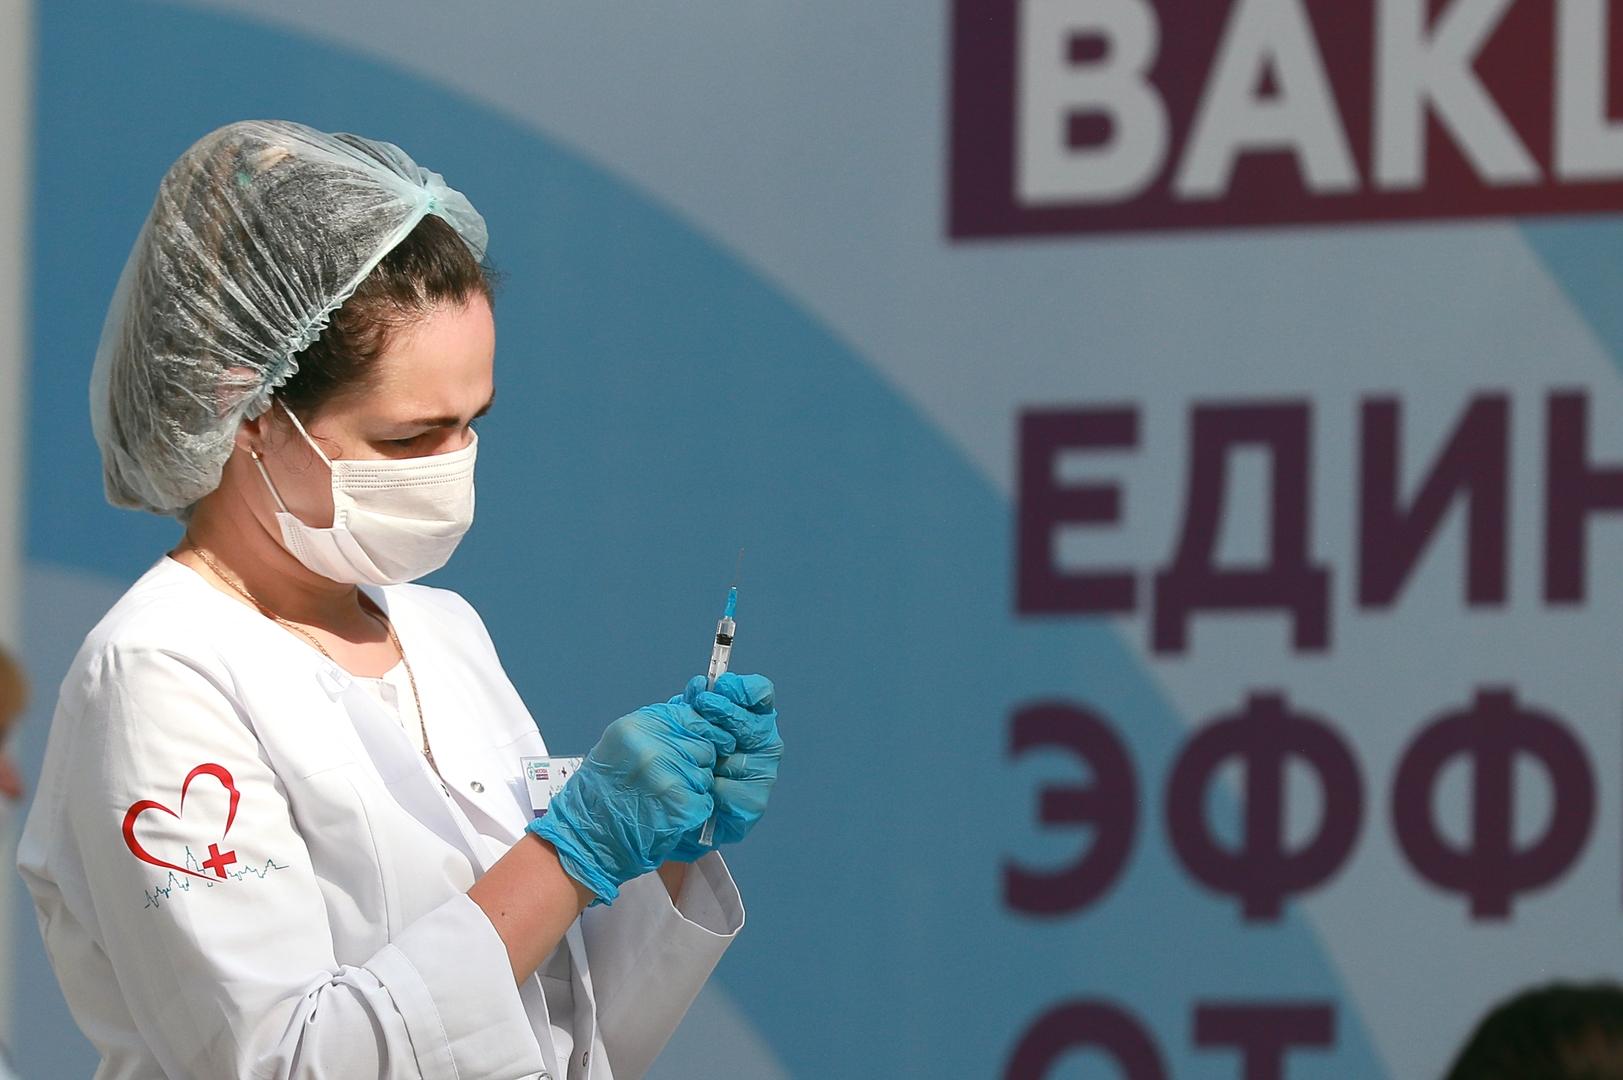 لافروف: روسيا جاهزة لبحث الاعتراف المتبادل بلقاحات كورونا مع الاتحاد الأوروبي